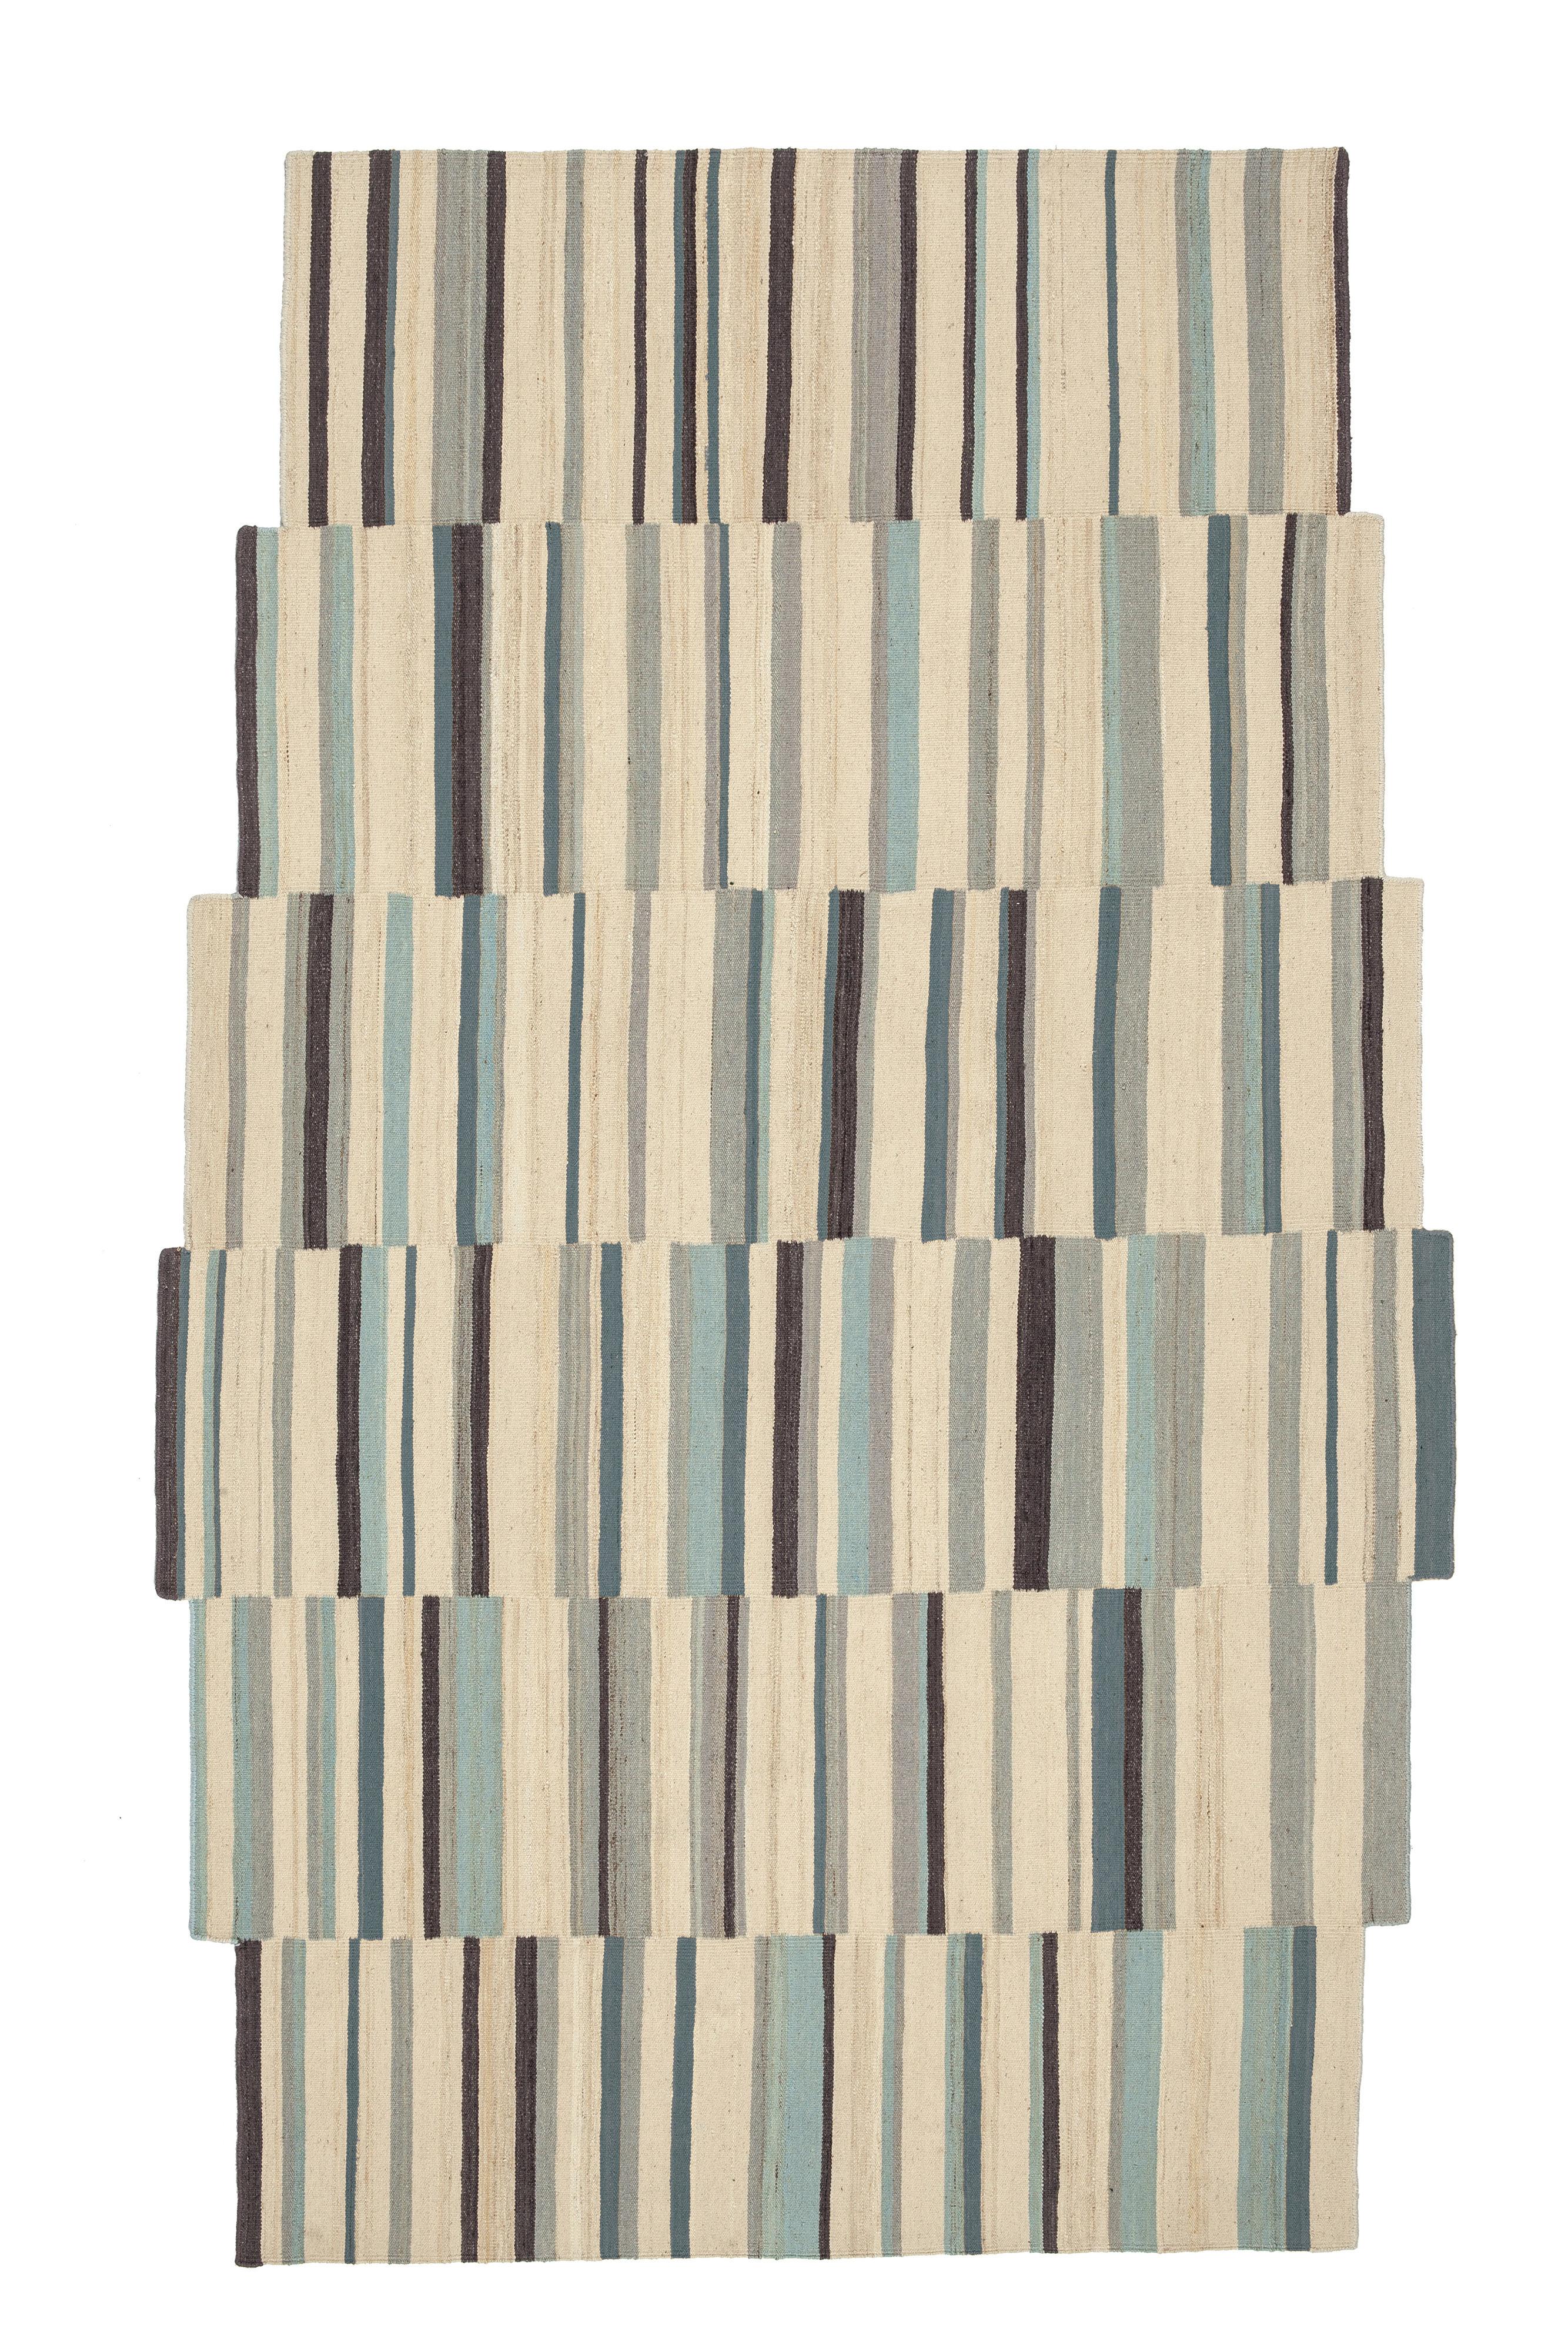 Tapis lattice 2 148 x 240 cm tons crus multicolore - Made in design tapis ...